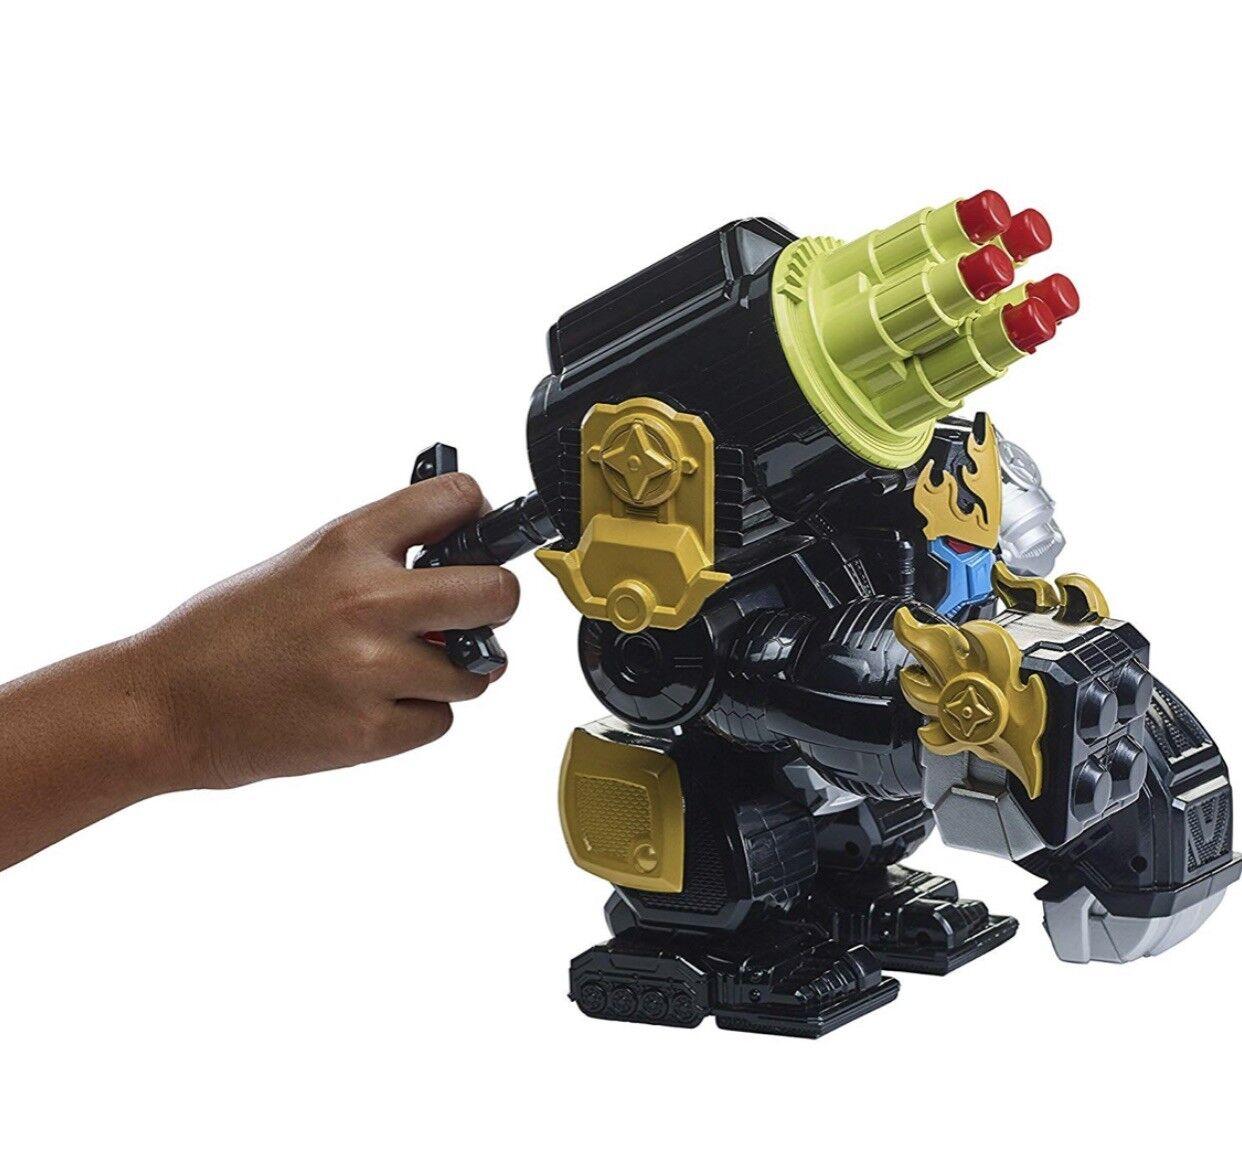 Power rangers super ninja stahl gorilla scharfschütze explosion zord-43485-boys spielzeug vorhanden